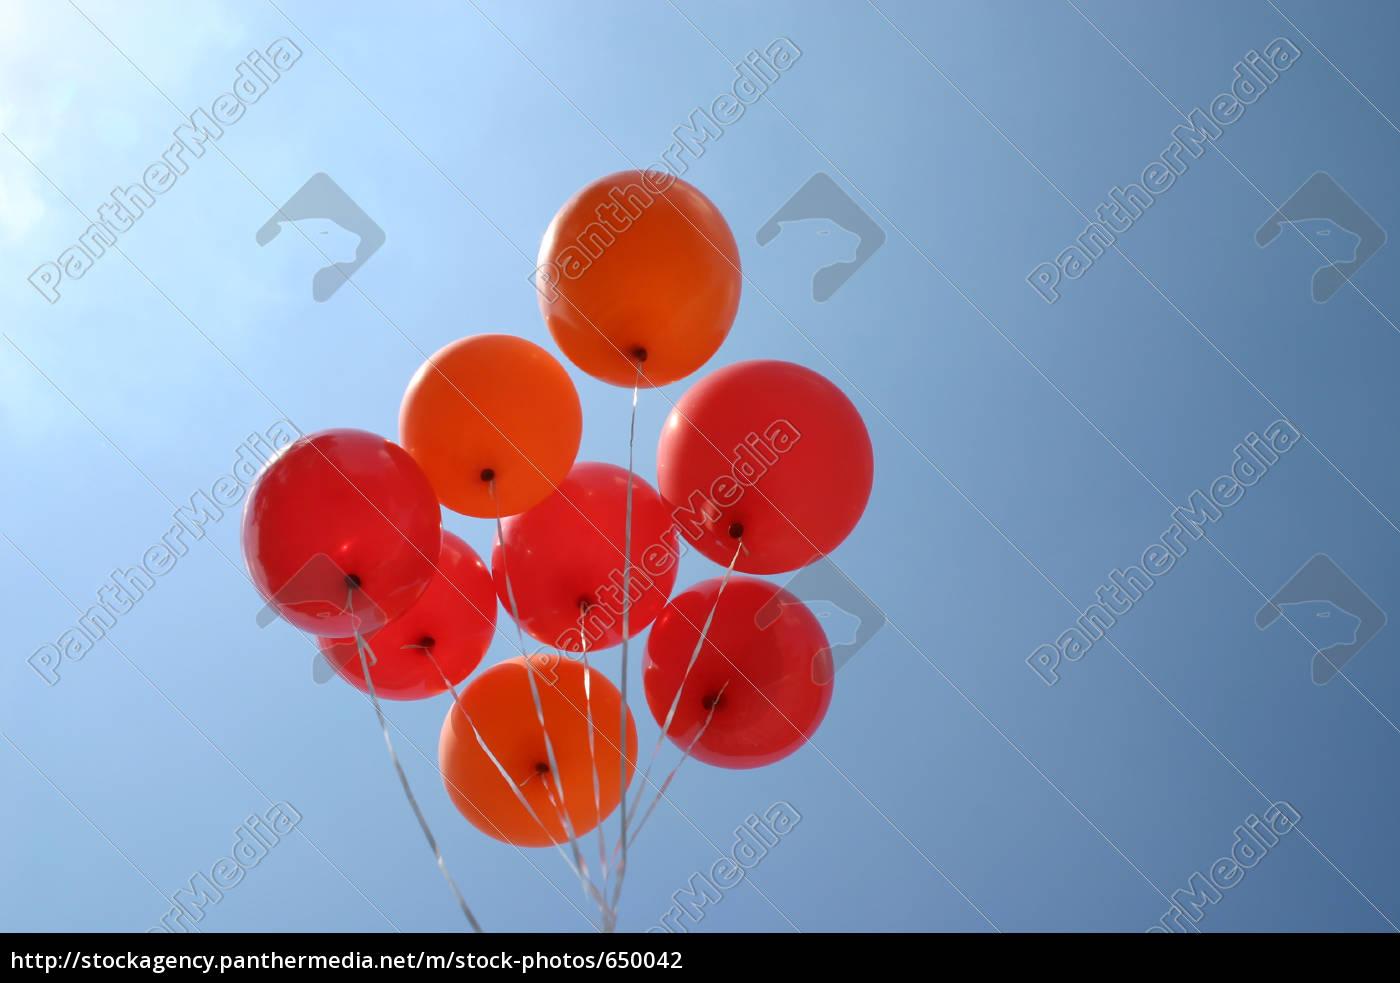 balloons - 650042